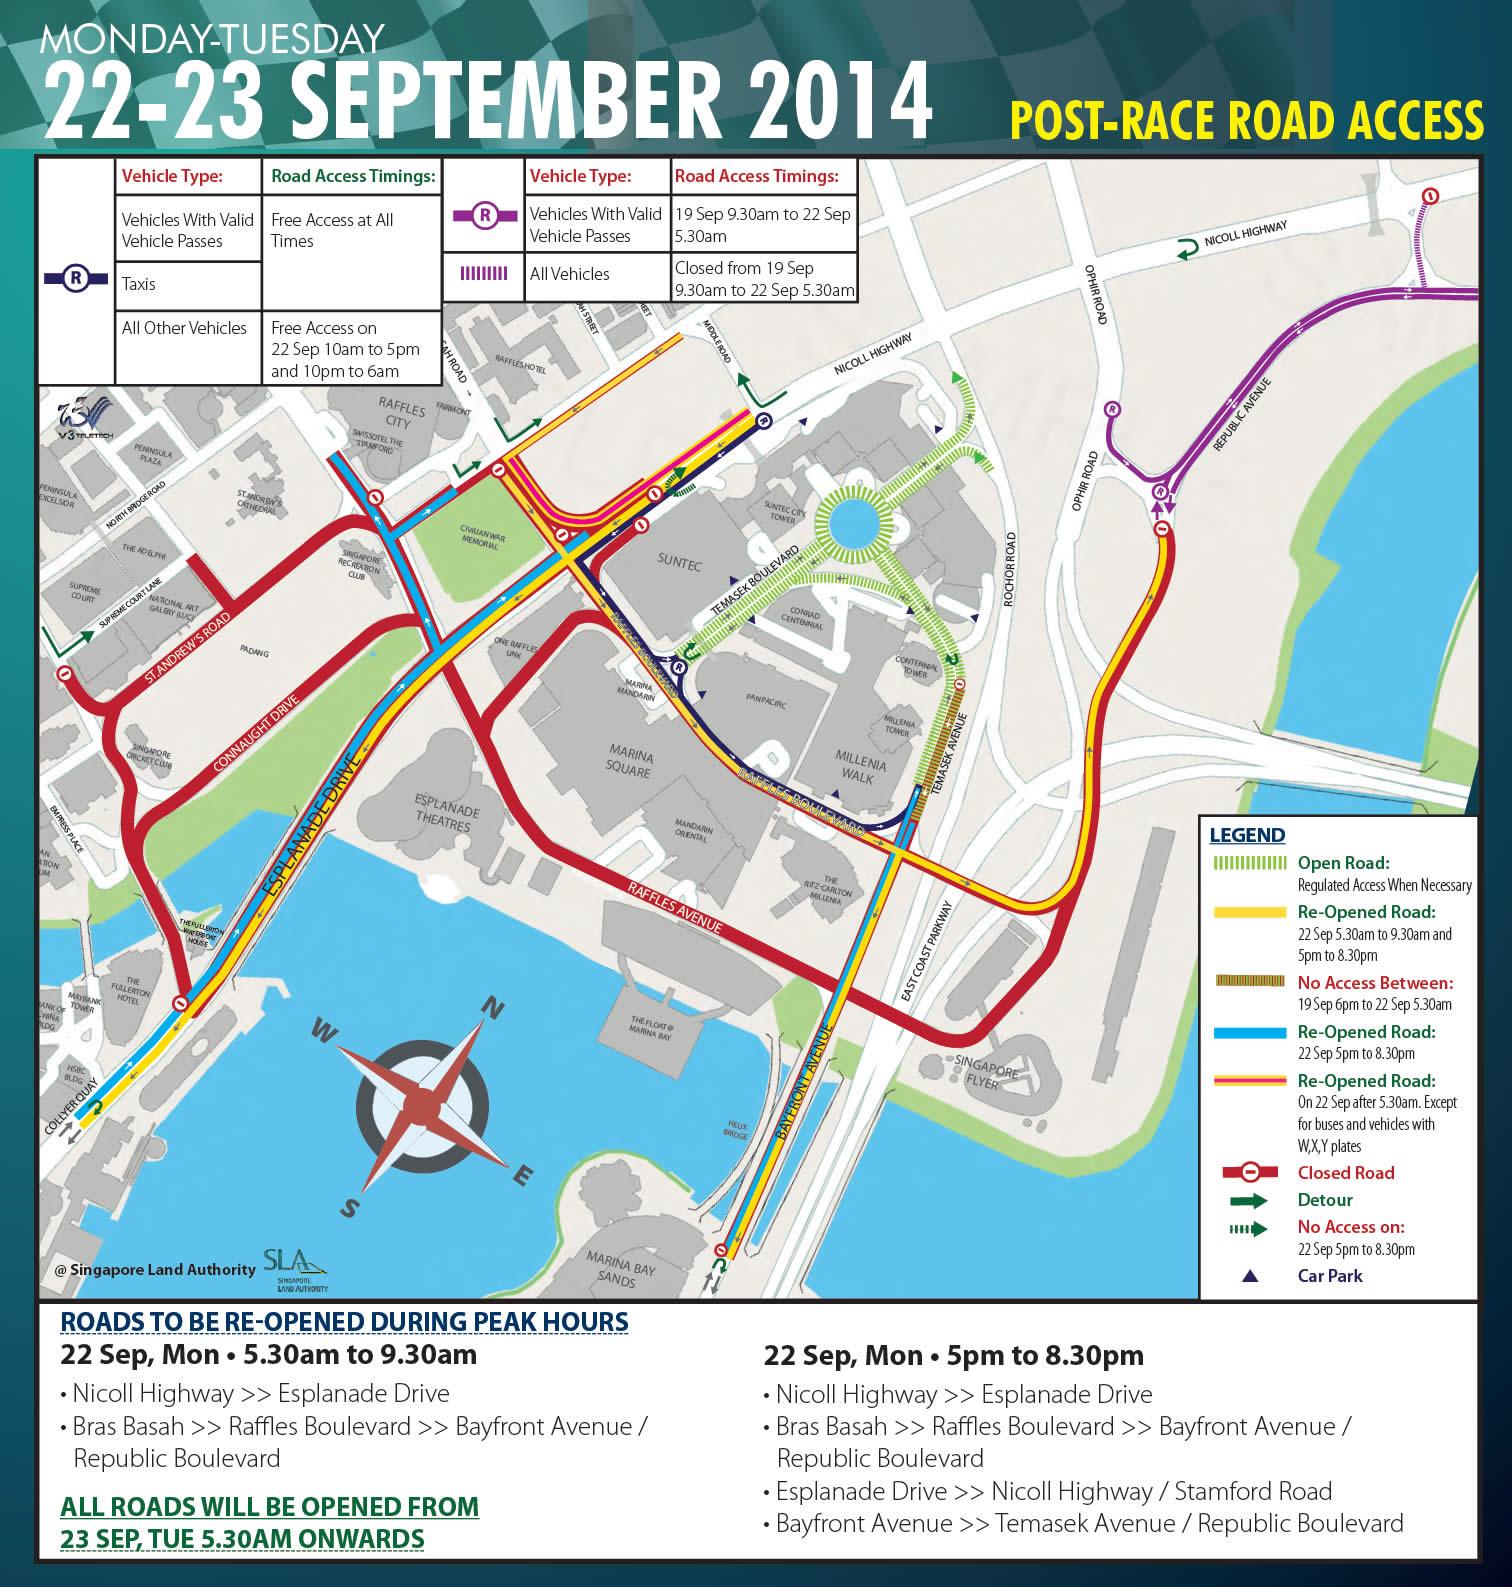 Post-Race Road Access Road Closures 22 - 23 Sep 2014